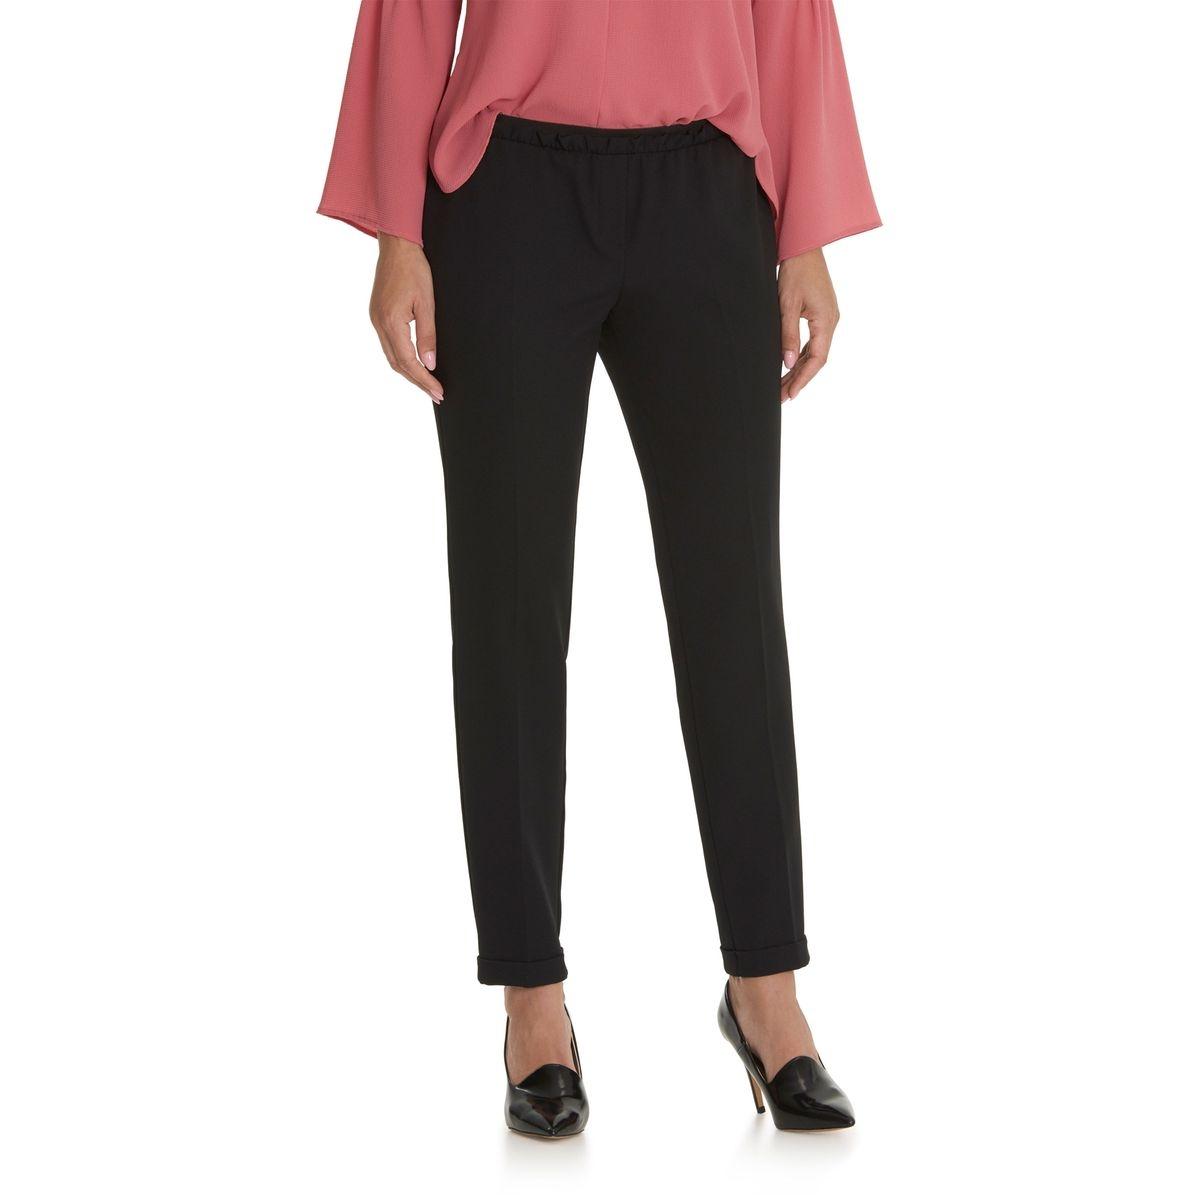 Pantalon avec ceinture élastique